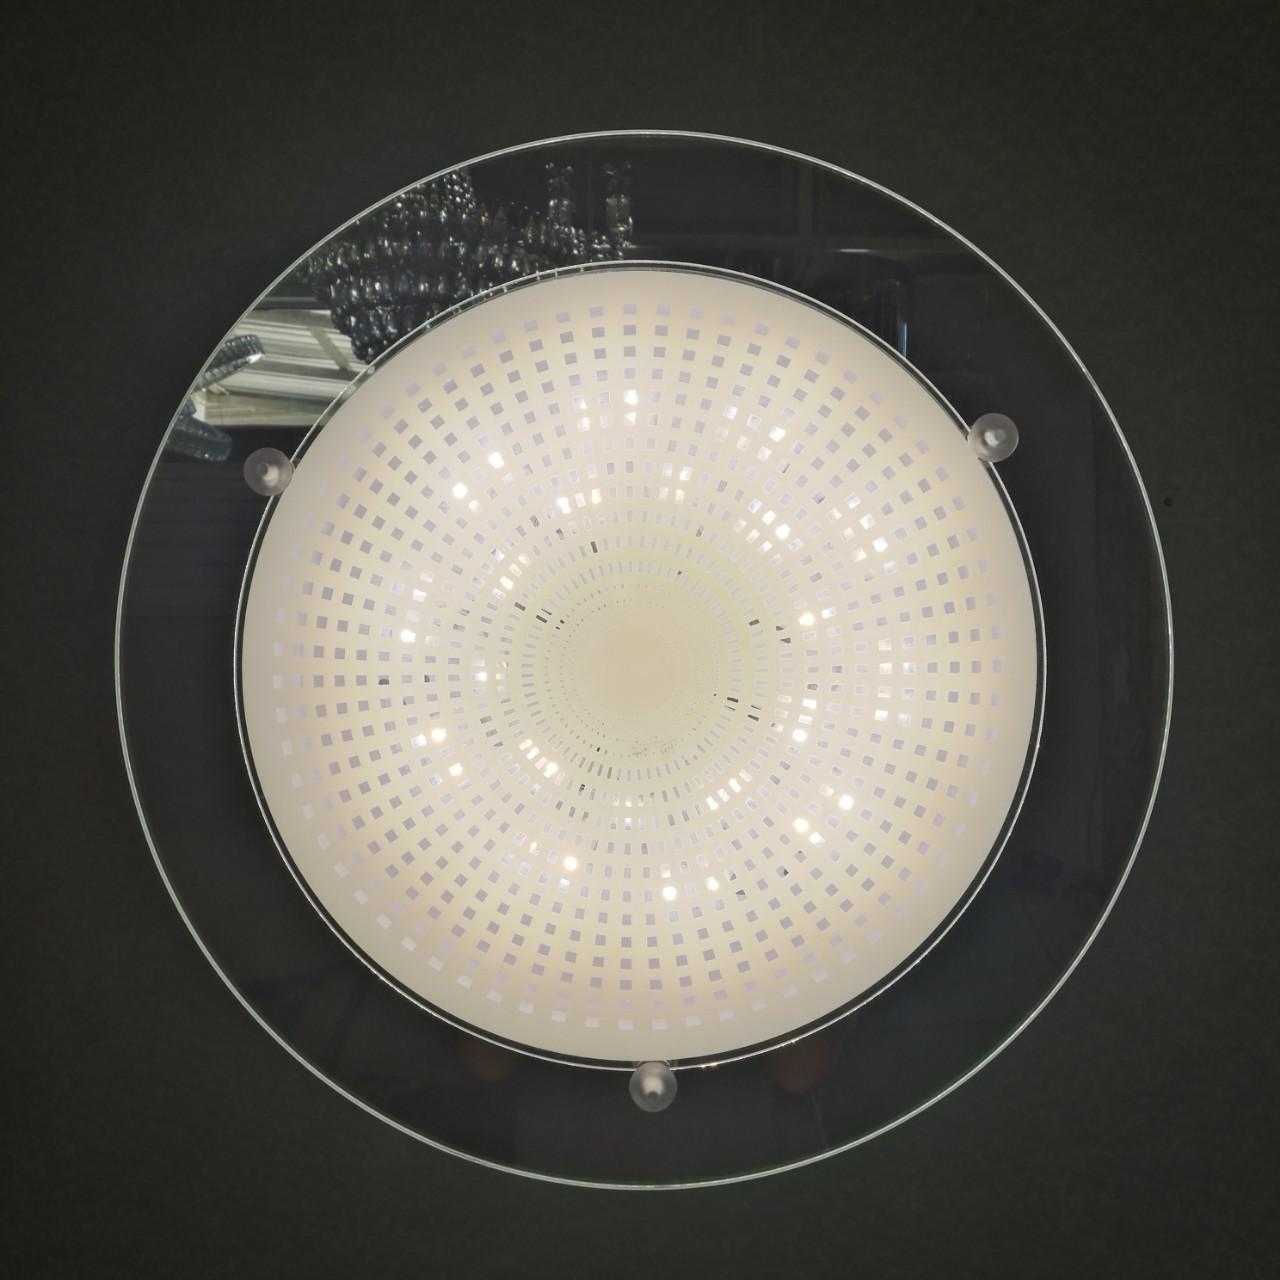 โคมไฟเพดาน 7022